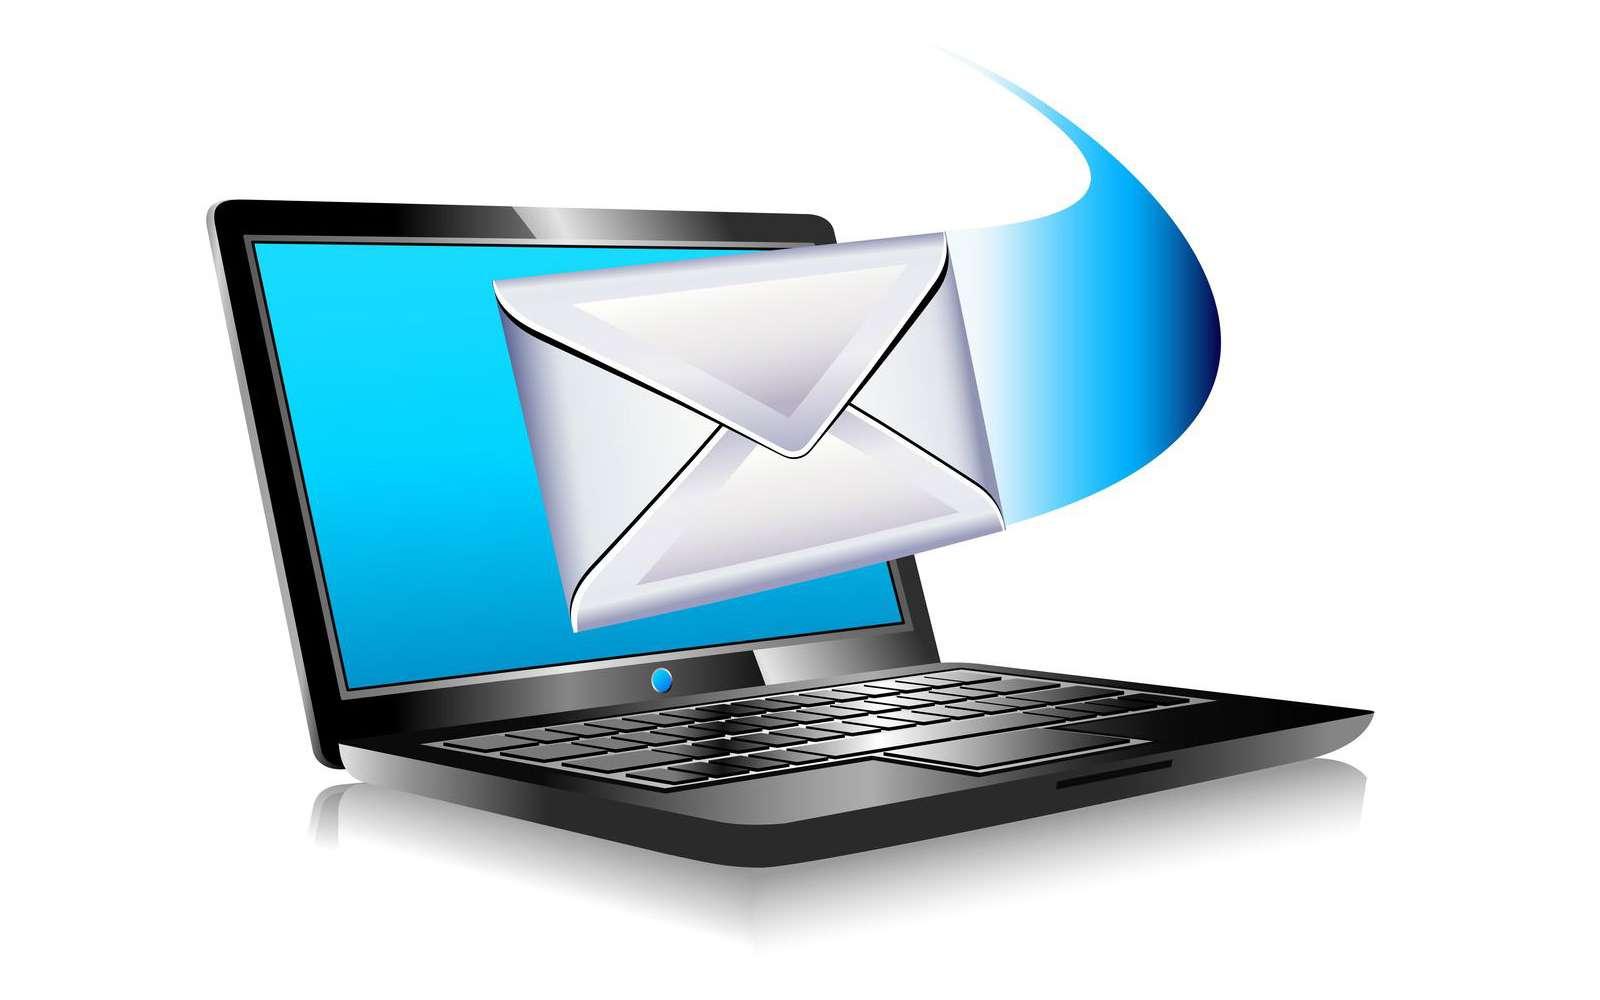 Futura partage avec vous sa sélection des meilleurs clients de messagerie. © Stocklib, roywylam